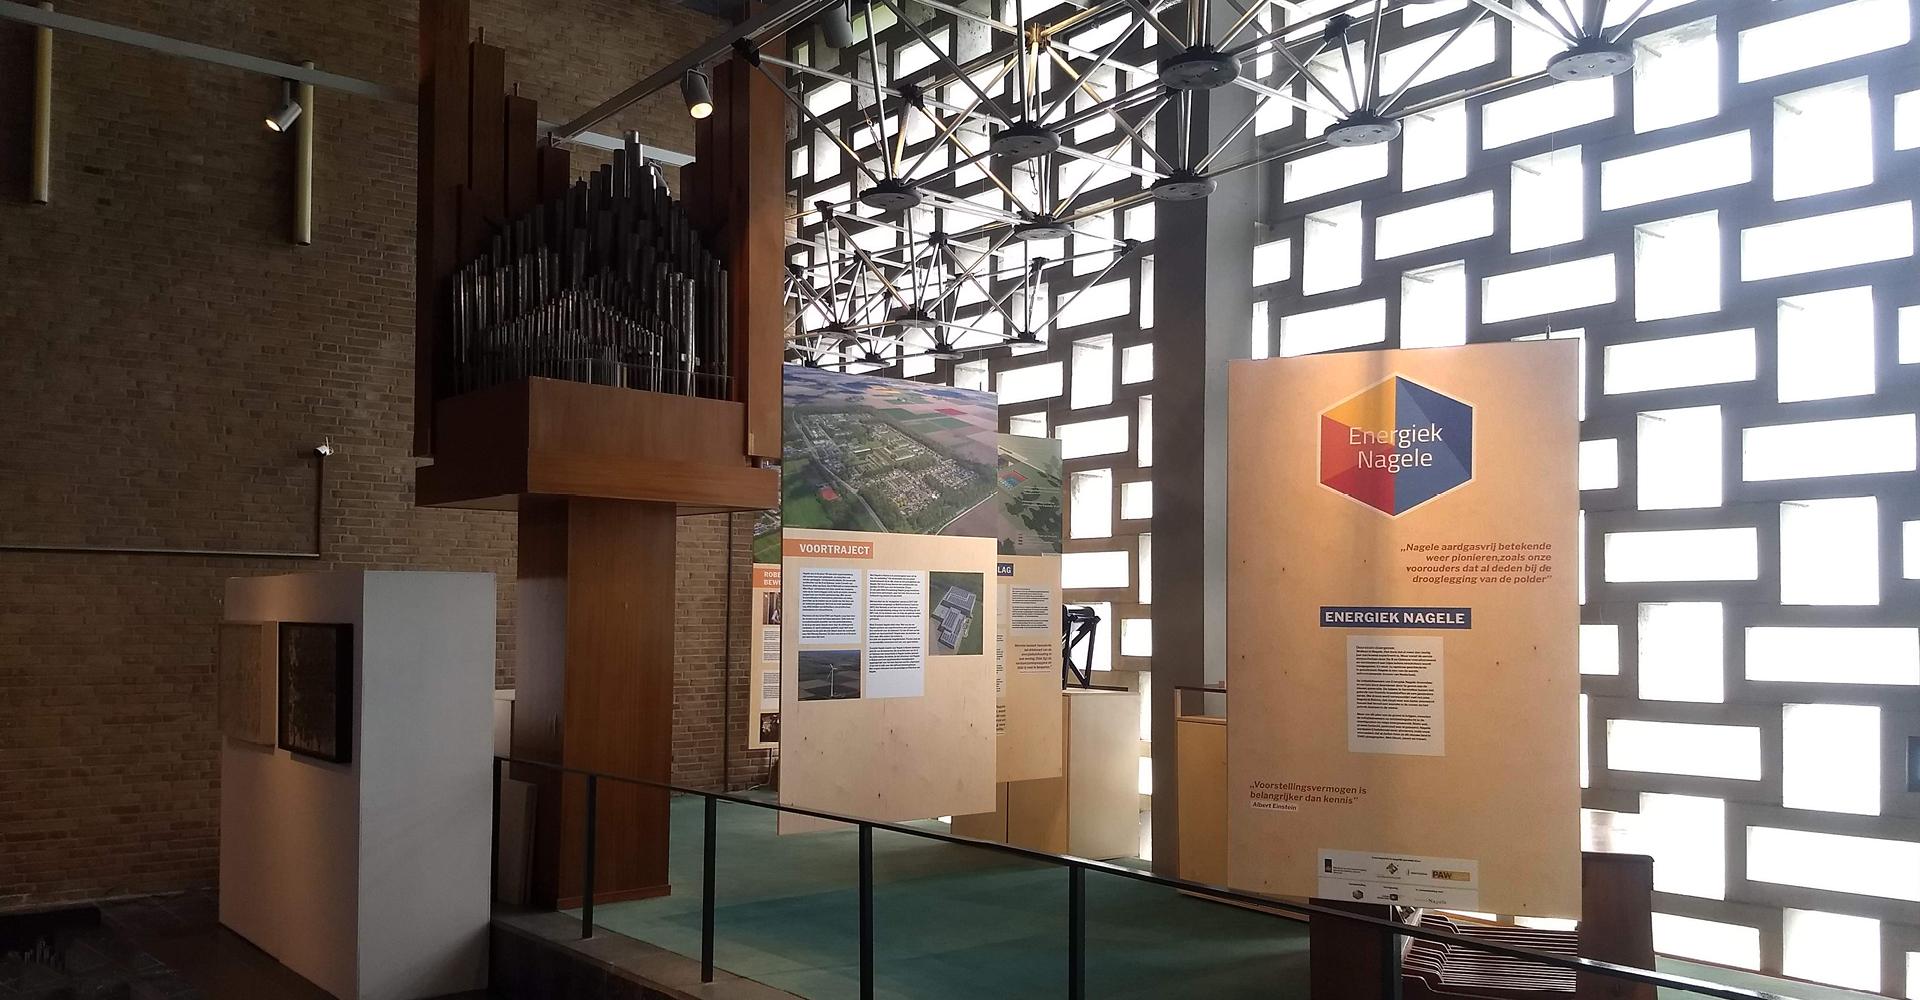 Johan Akkerman vormgeving musea Nagele museum energiek